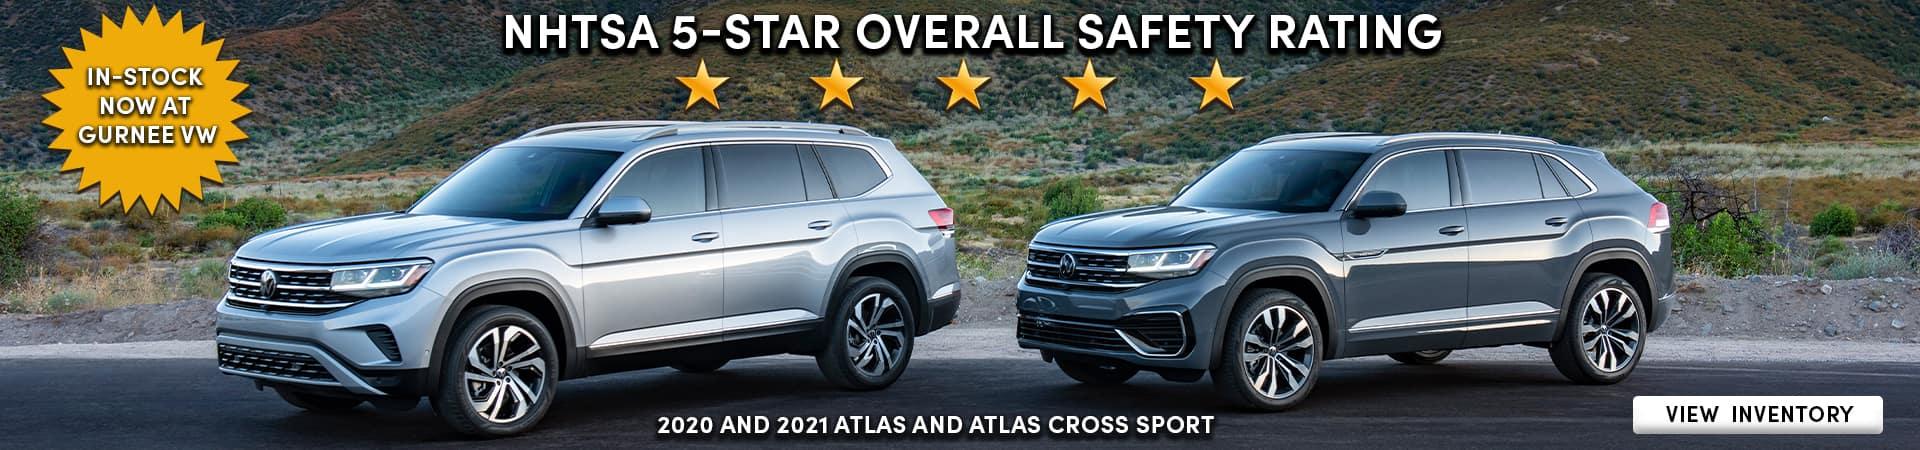 2020_2021_Atlas_Cross_Sport_NHTSA